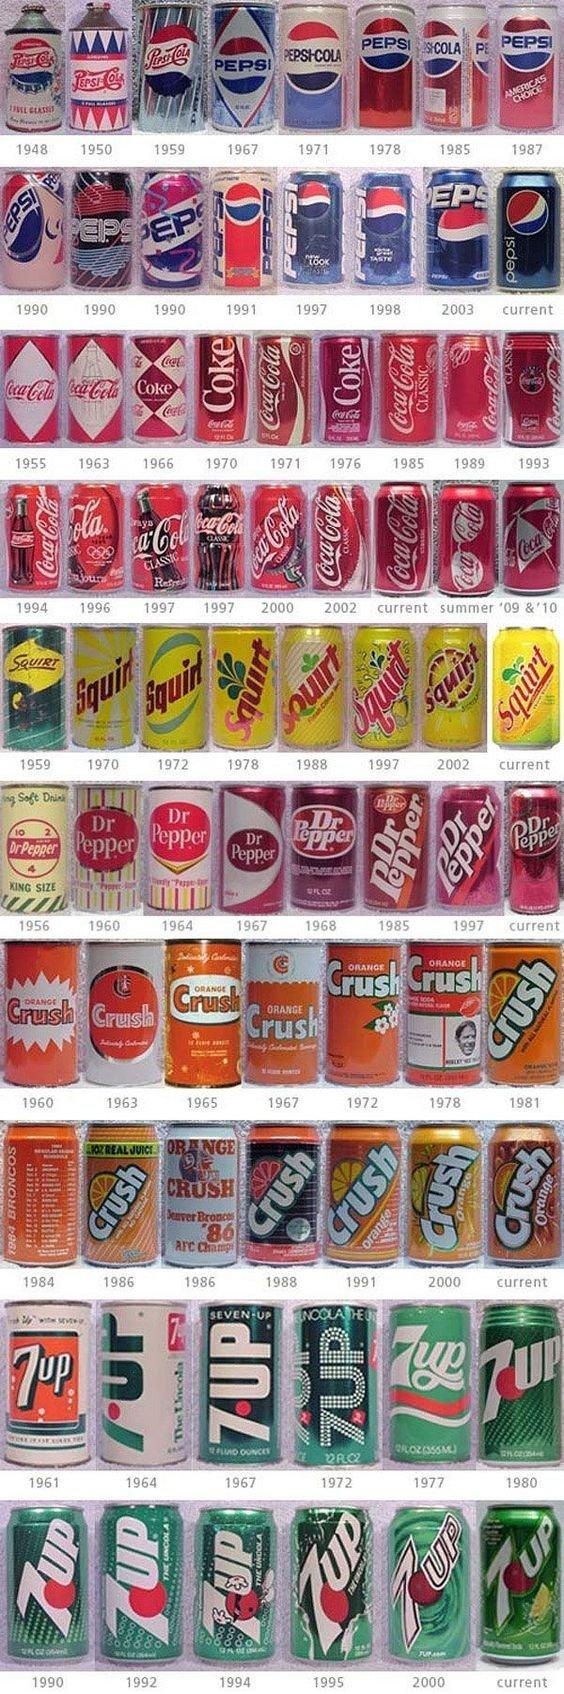 Алюминиевые банки со всемирно известными напитками вещи, интересное, картинки, факты, эволюция